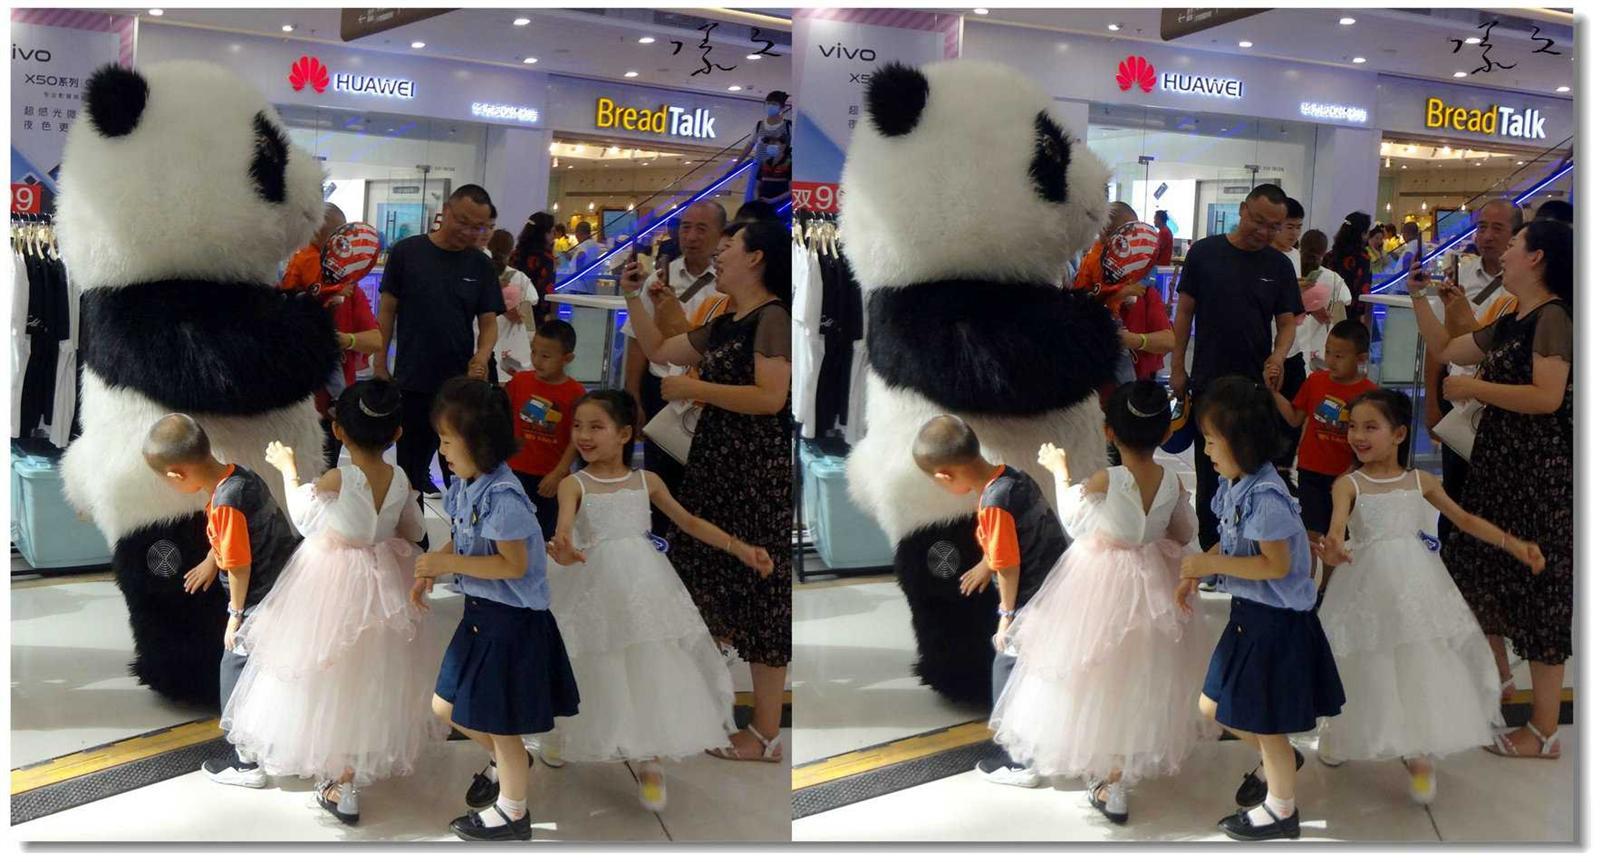 【原创】大熊猫与小天使 -4